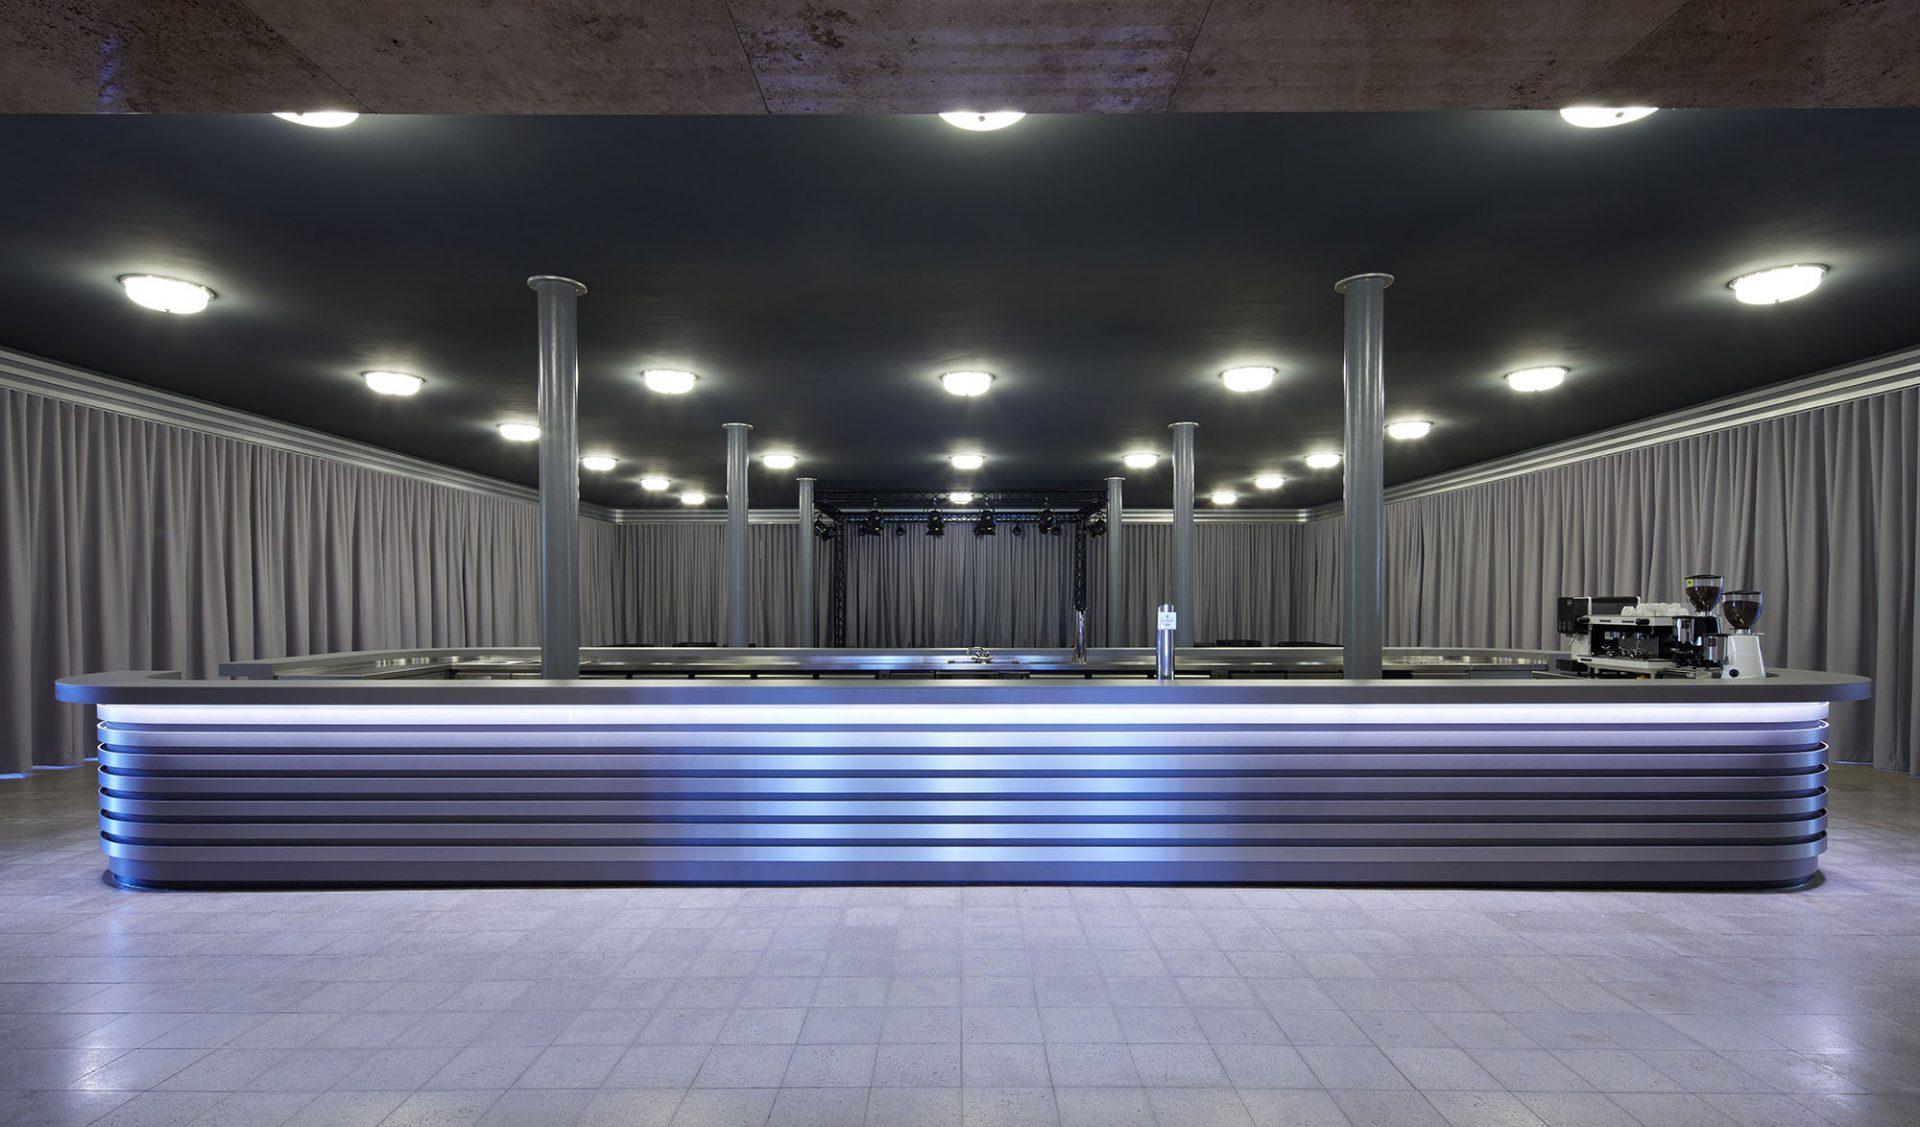 Oetkerhalle. Der neue Garderoben- und Bühnenraum vom Büro Wannenmacher + Möller. Die weichen Stoffe und beweglichen Elemente schaffen einen angenehm zurückhaltenden Kontrast zum historischen Gebäude.